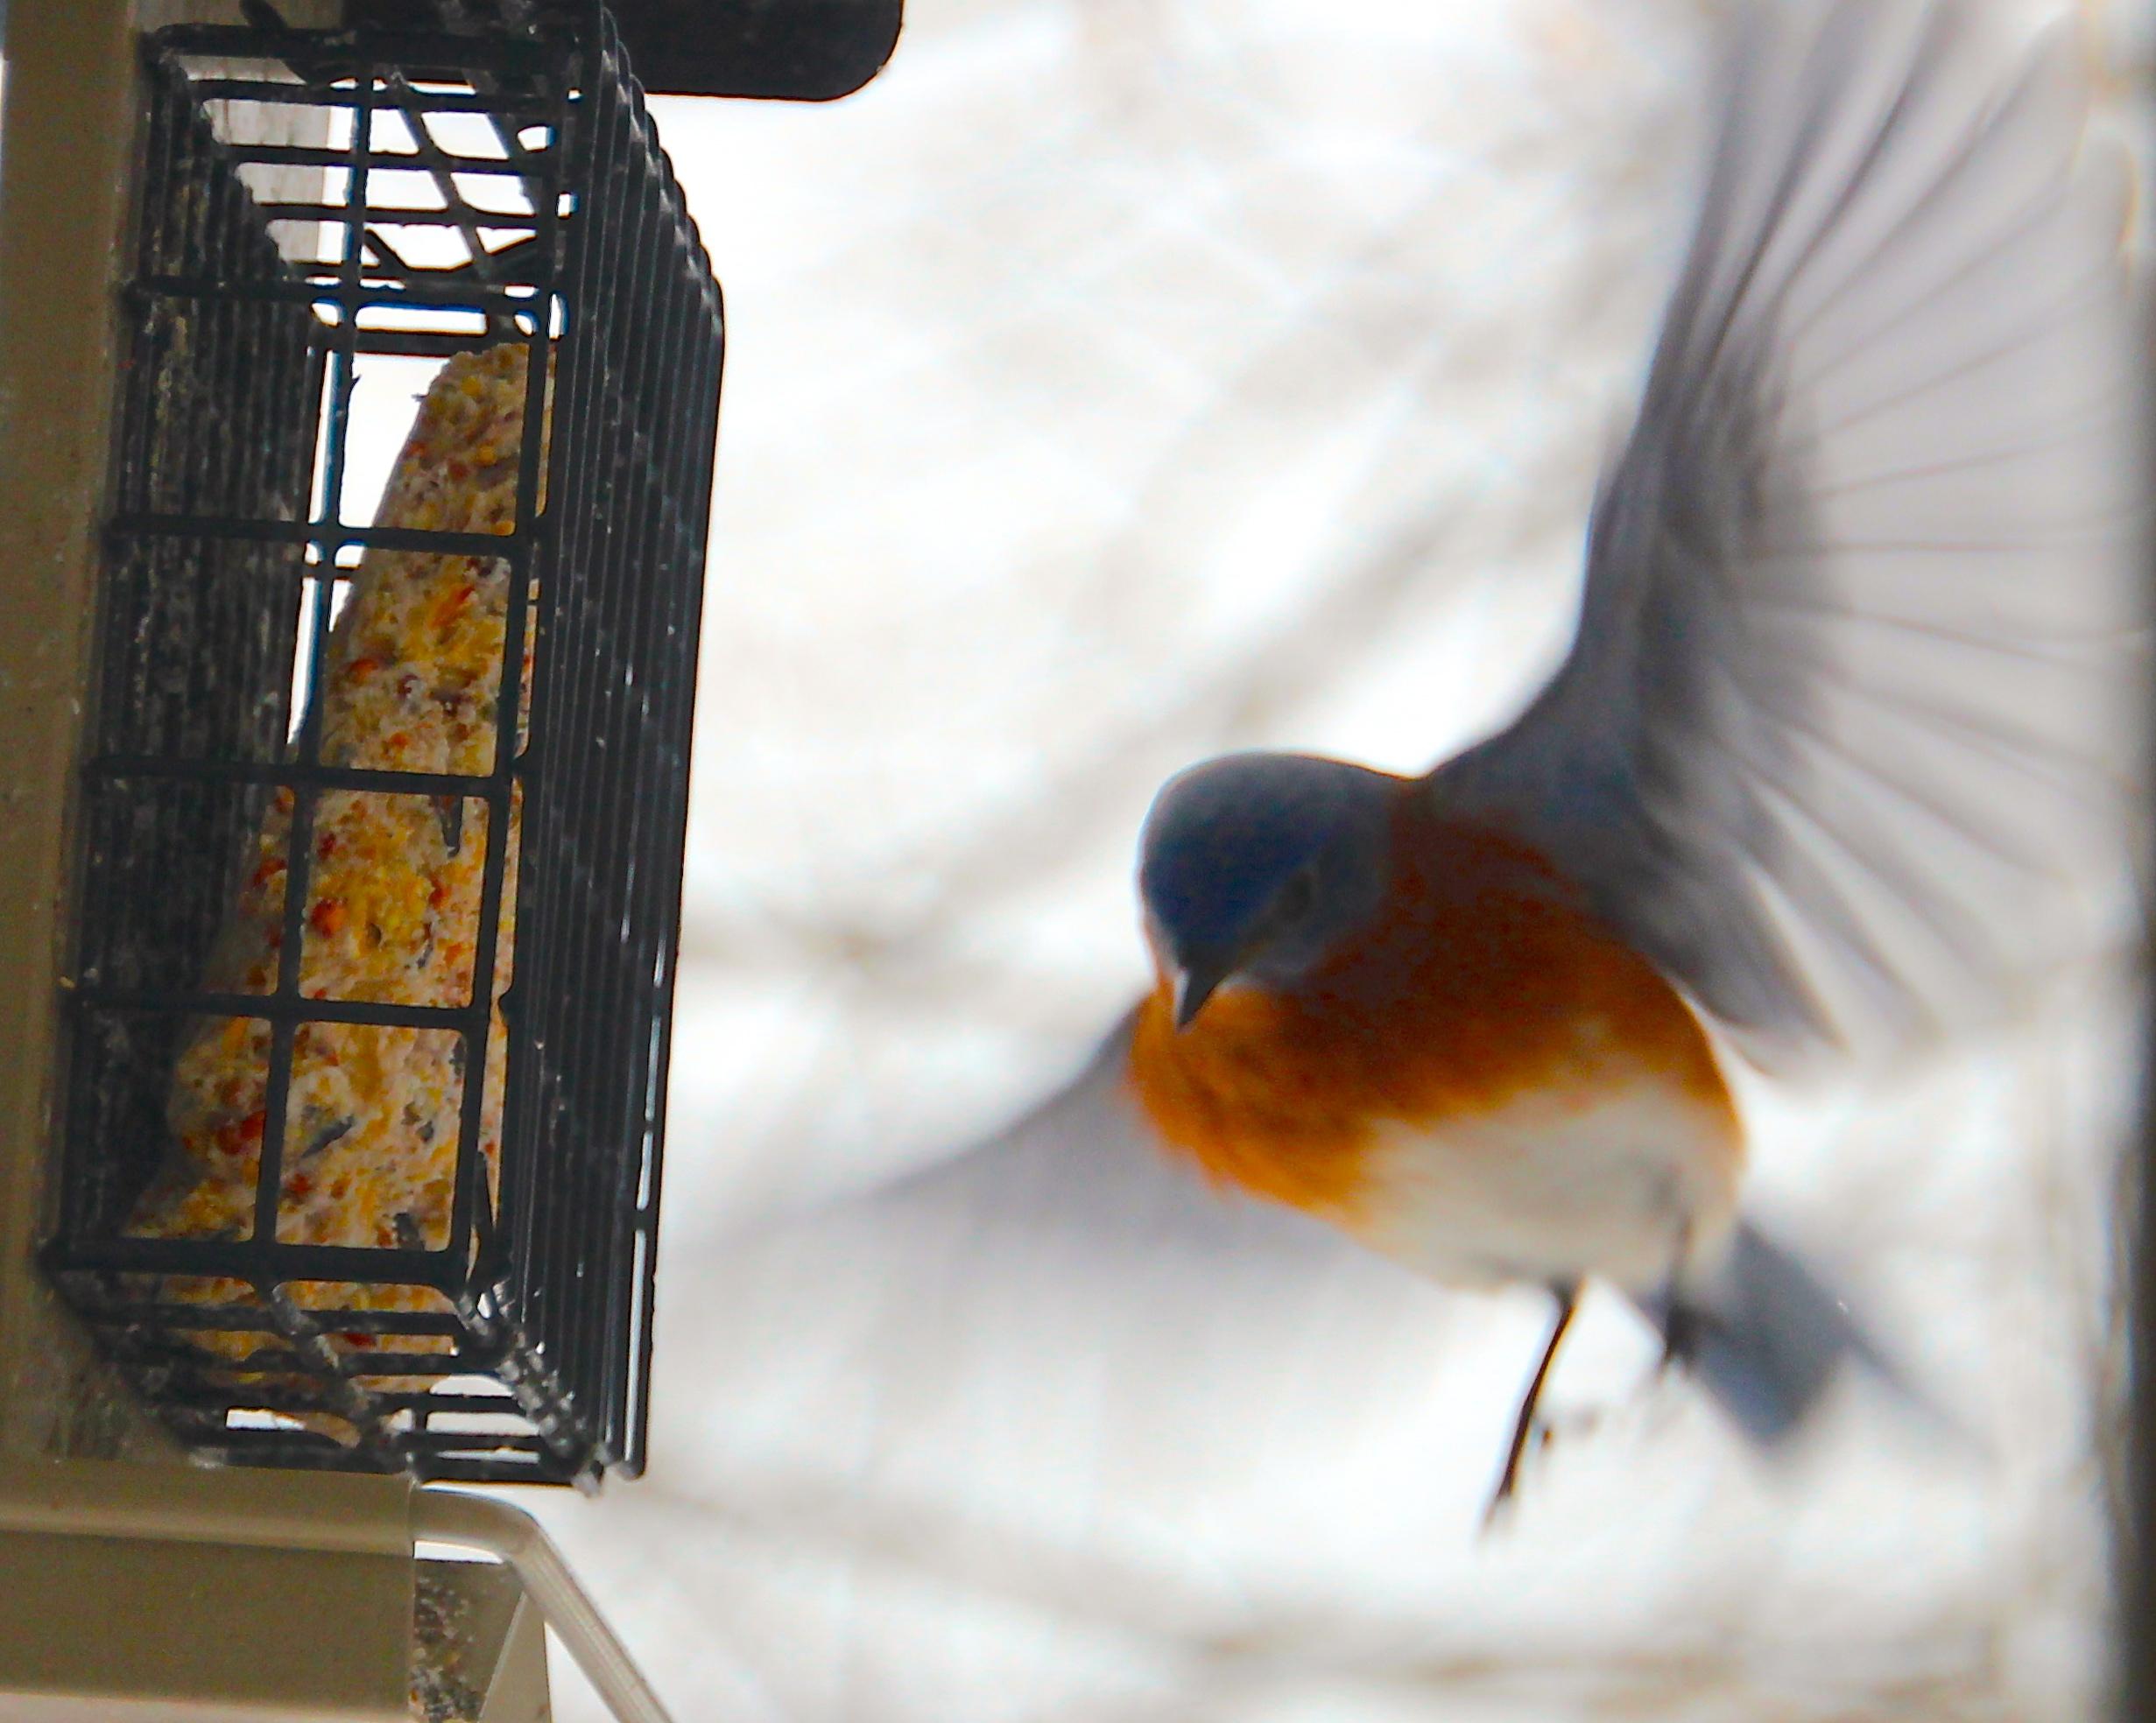 Blluebird fluttering by feeder